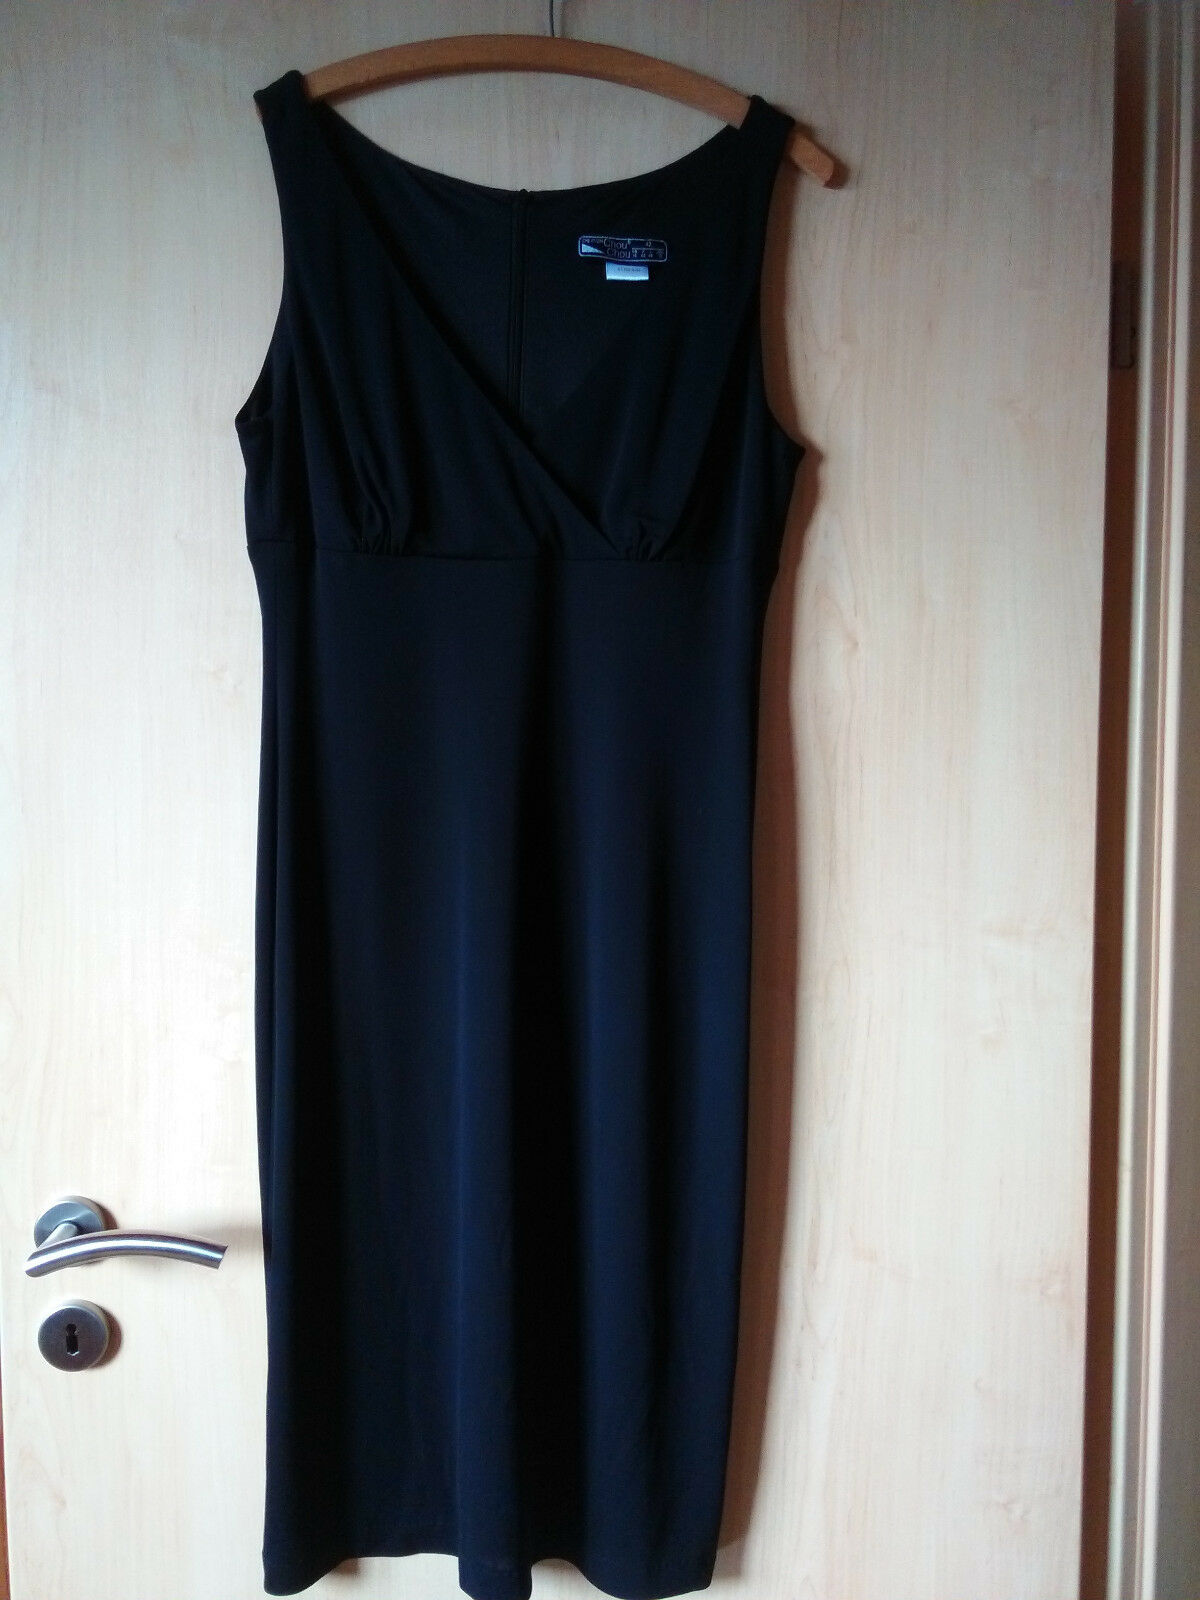 122a6d3f5a26c4 Kleid CHou, Größe 42, Farbe Schwarz von Chou nnsulw4436-neue Kleidung